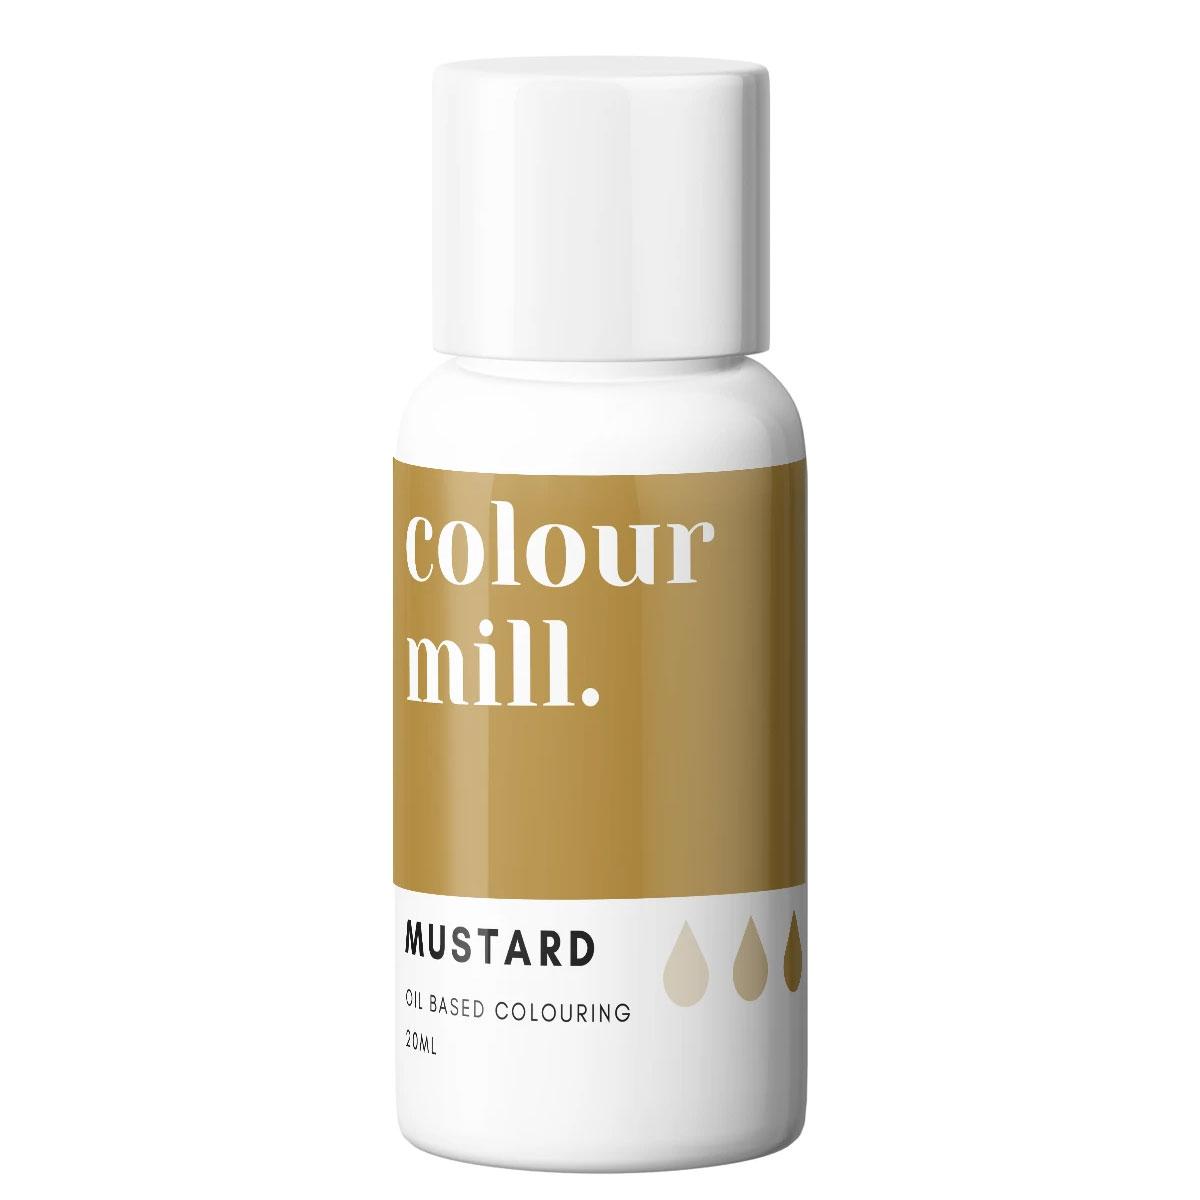 Colour Mill fettlösliche Lebensmittelfarbe - Mustard 20ml